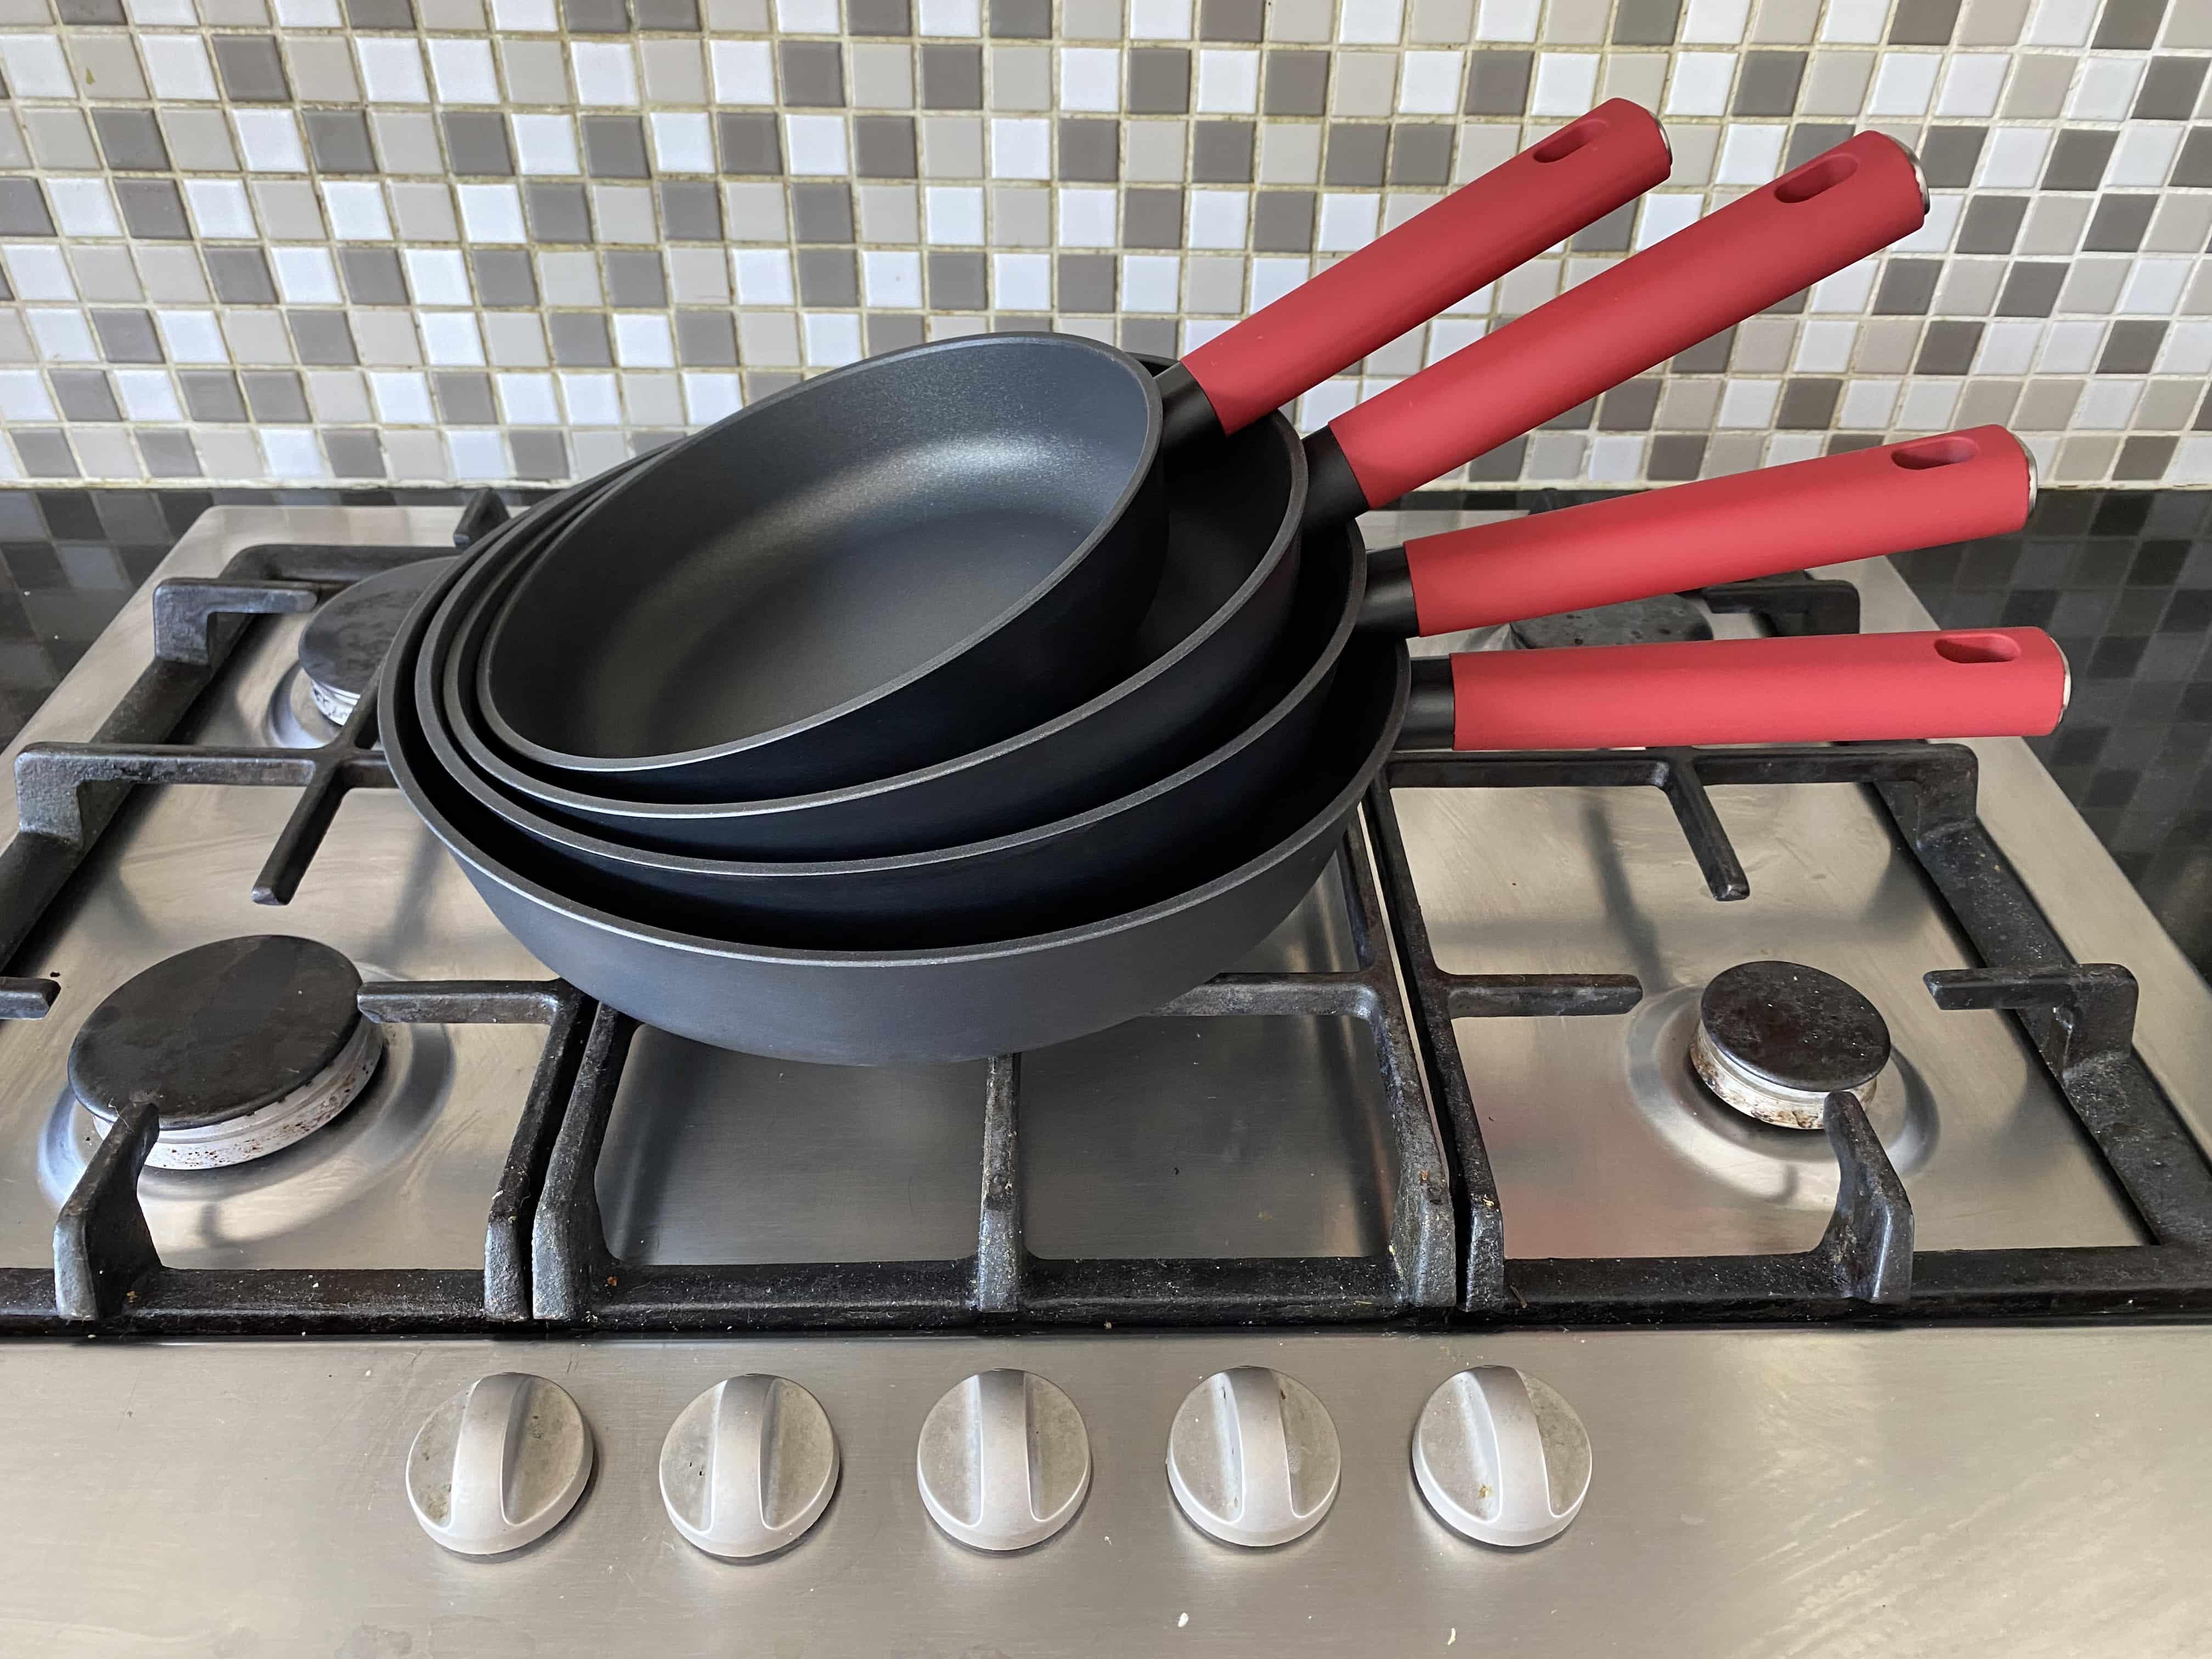 4goodz Aluminium Koekenpan met siliconen handvat 24 cm - zwart/rood